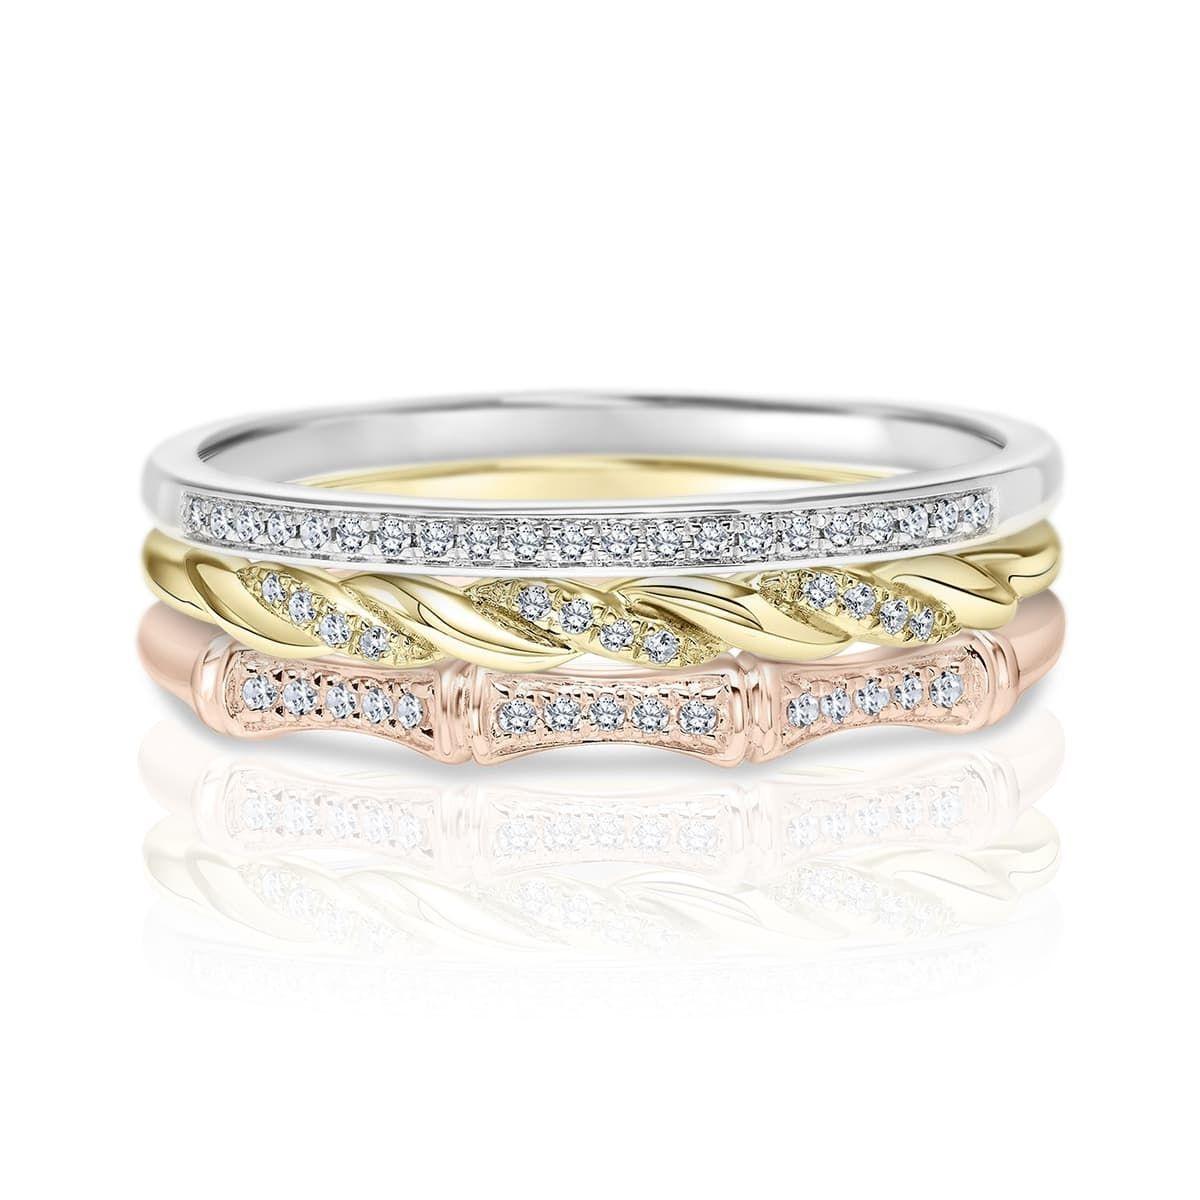 Rings | Diamonds International Pertaining To 2020 Diamond Layered Anniversary Ring In White Gold (View 8 of 25)